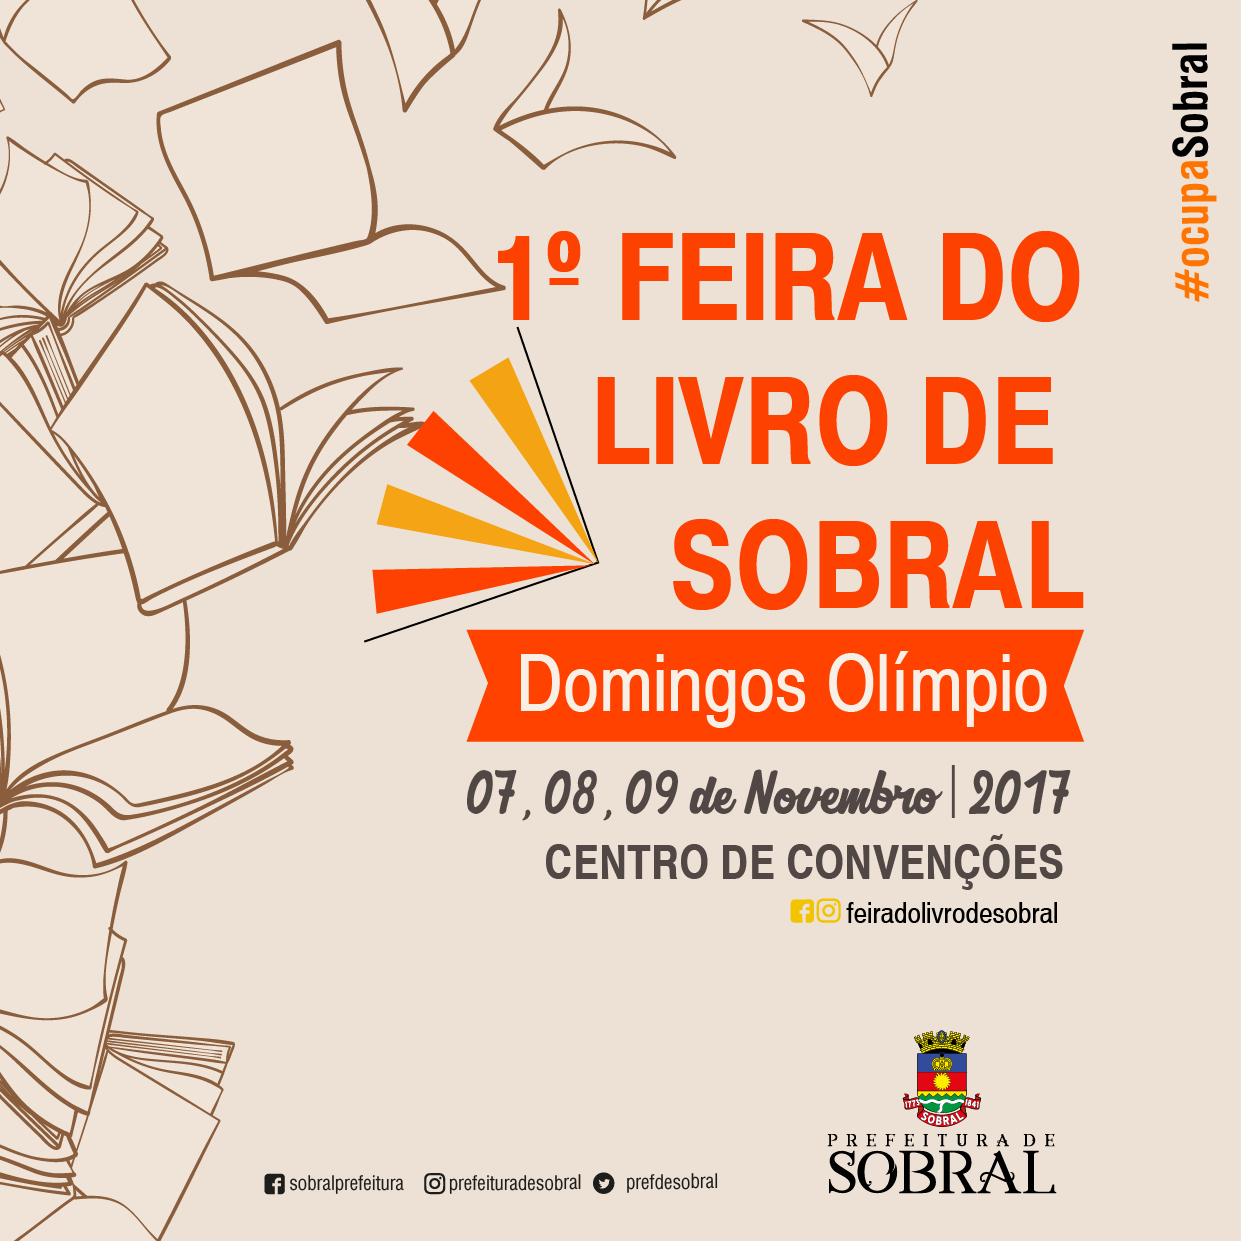 1º FEIRA DO LIVRO DE SOBRAL